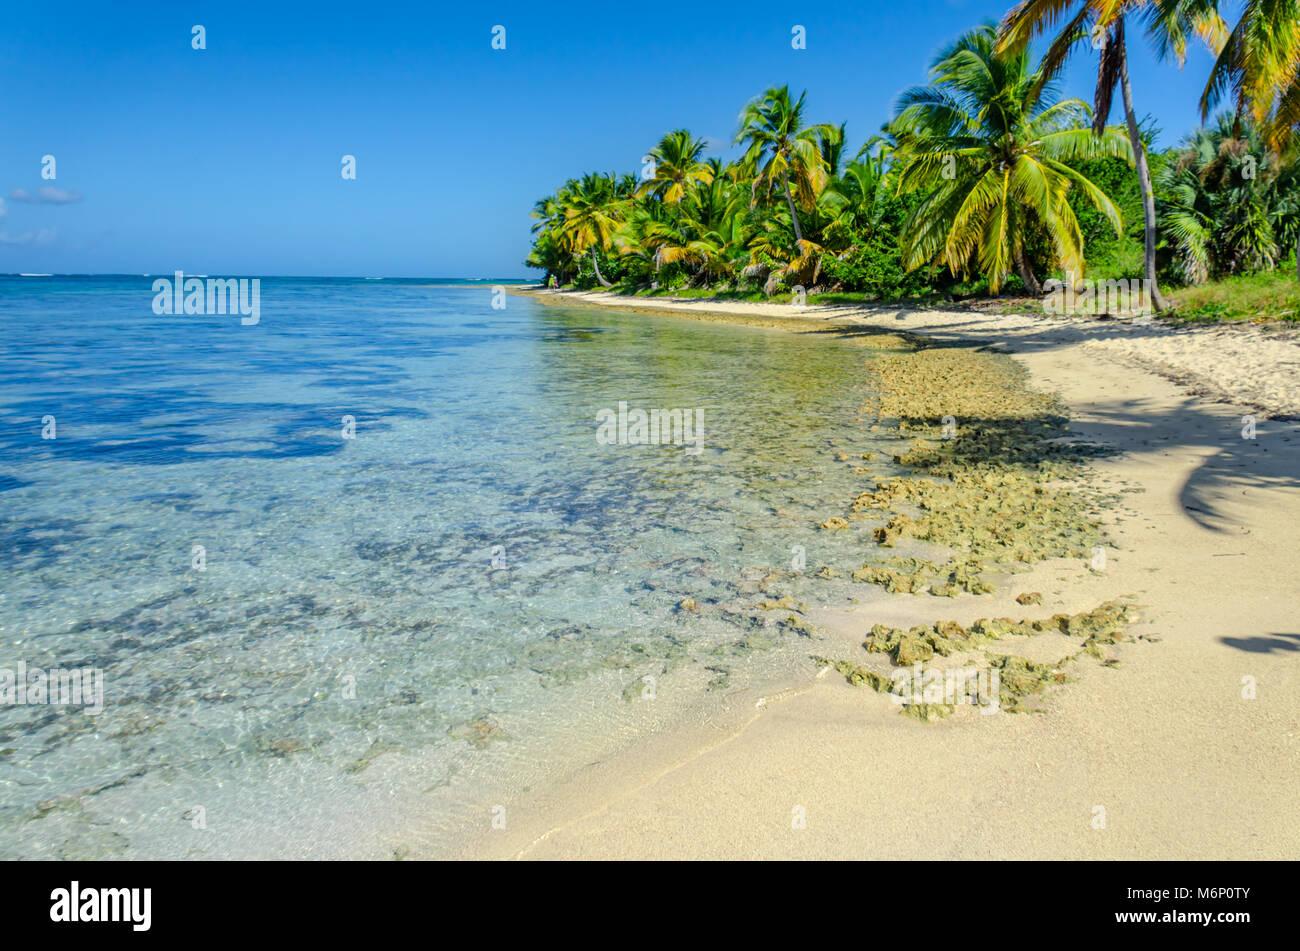 Spiaggia tropicale con trasparente di acqua oceanica, Palm grove, pietre, gente camminare lungo la riva e un cielo Immagini Stock